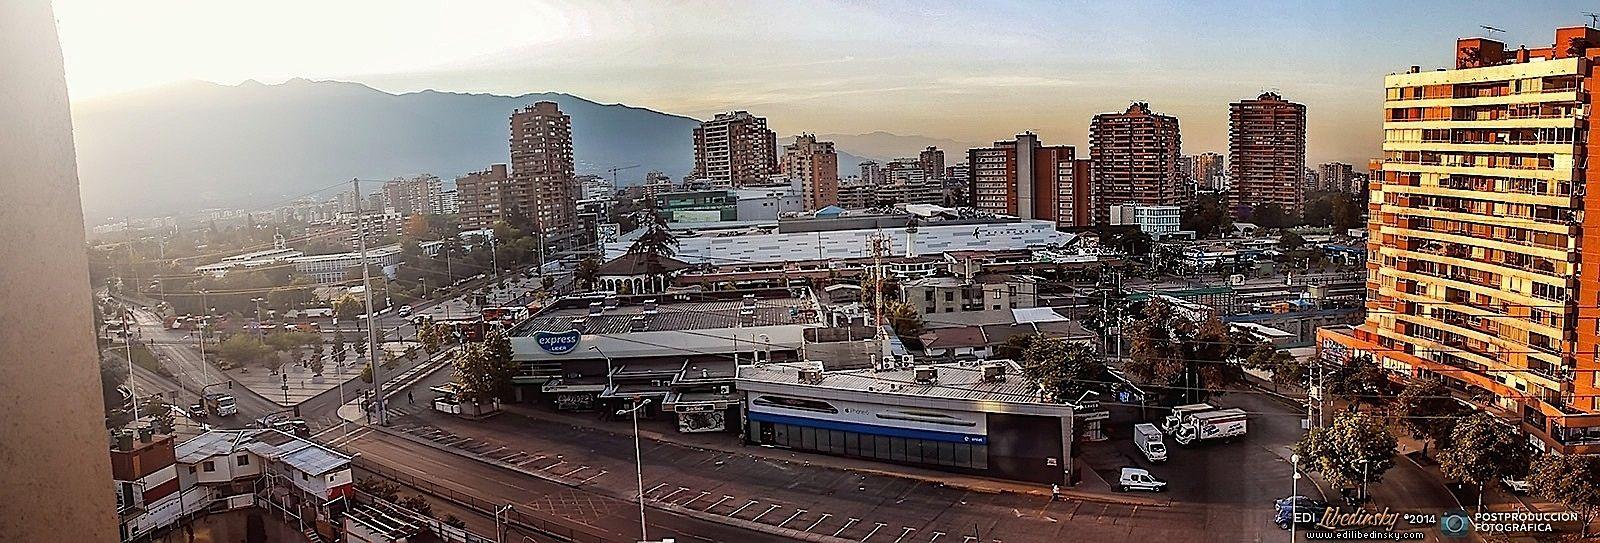 Visita a Santiago de Chile - Edi Libedinsky - 2014